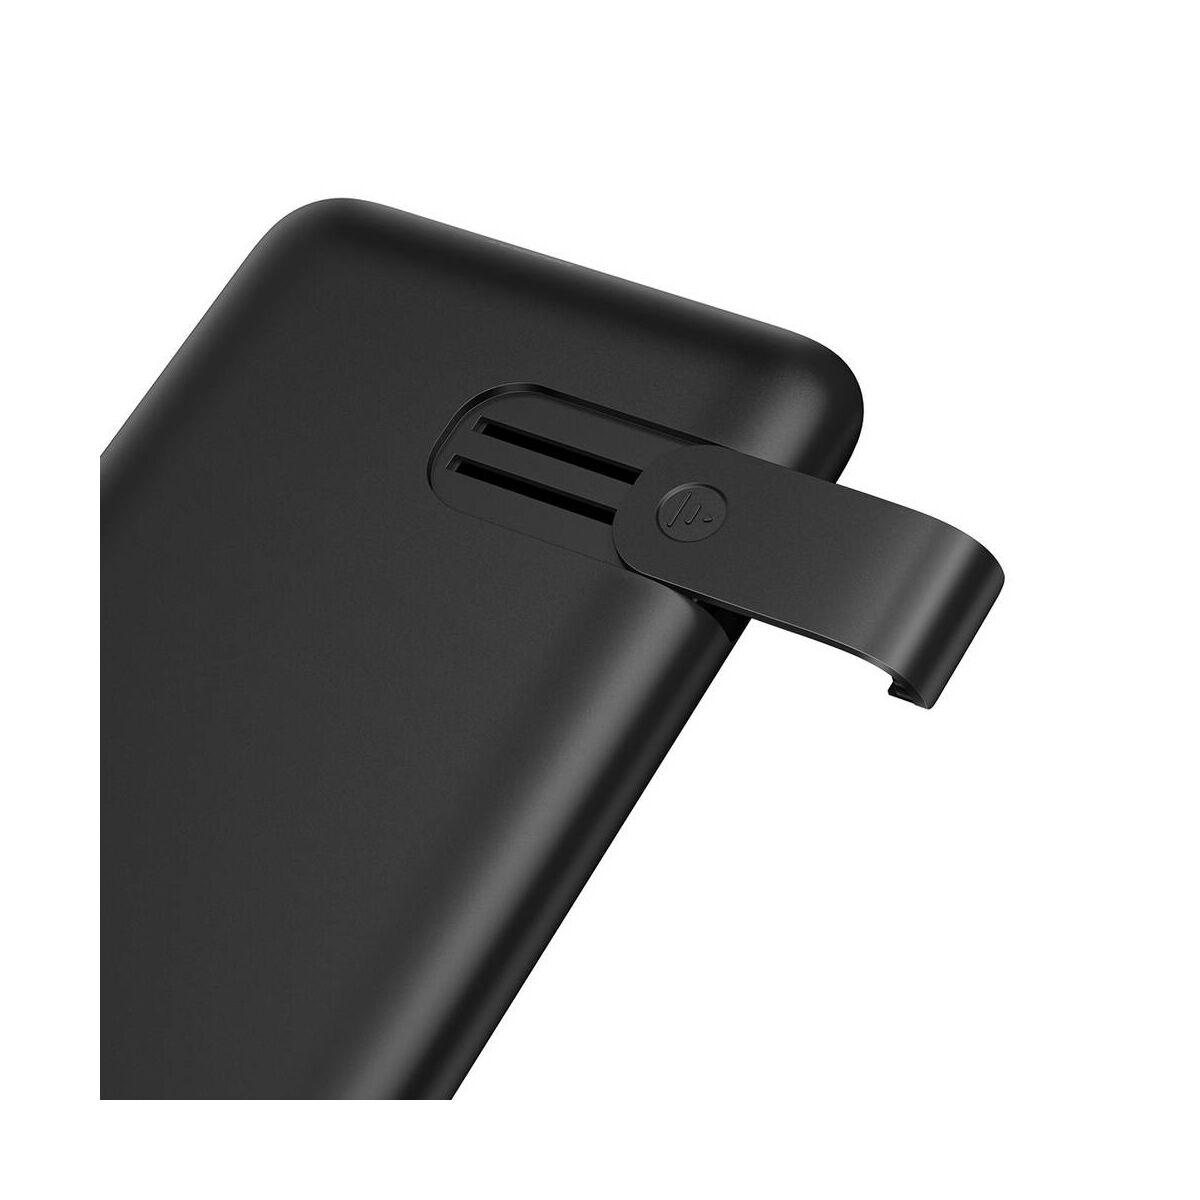 Baseus Power Bank vez. nélk. tölt. S10 Bracket (Micro USB + Type-C bem. / 2xUSB + Type-C PD kim.), 18W, 2.4A, 10.000 mAh, fekete (PPS10-01)